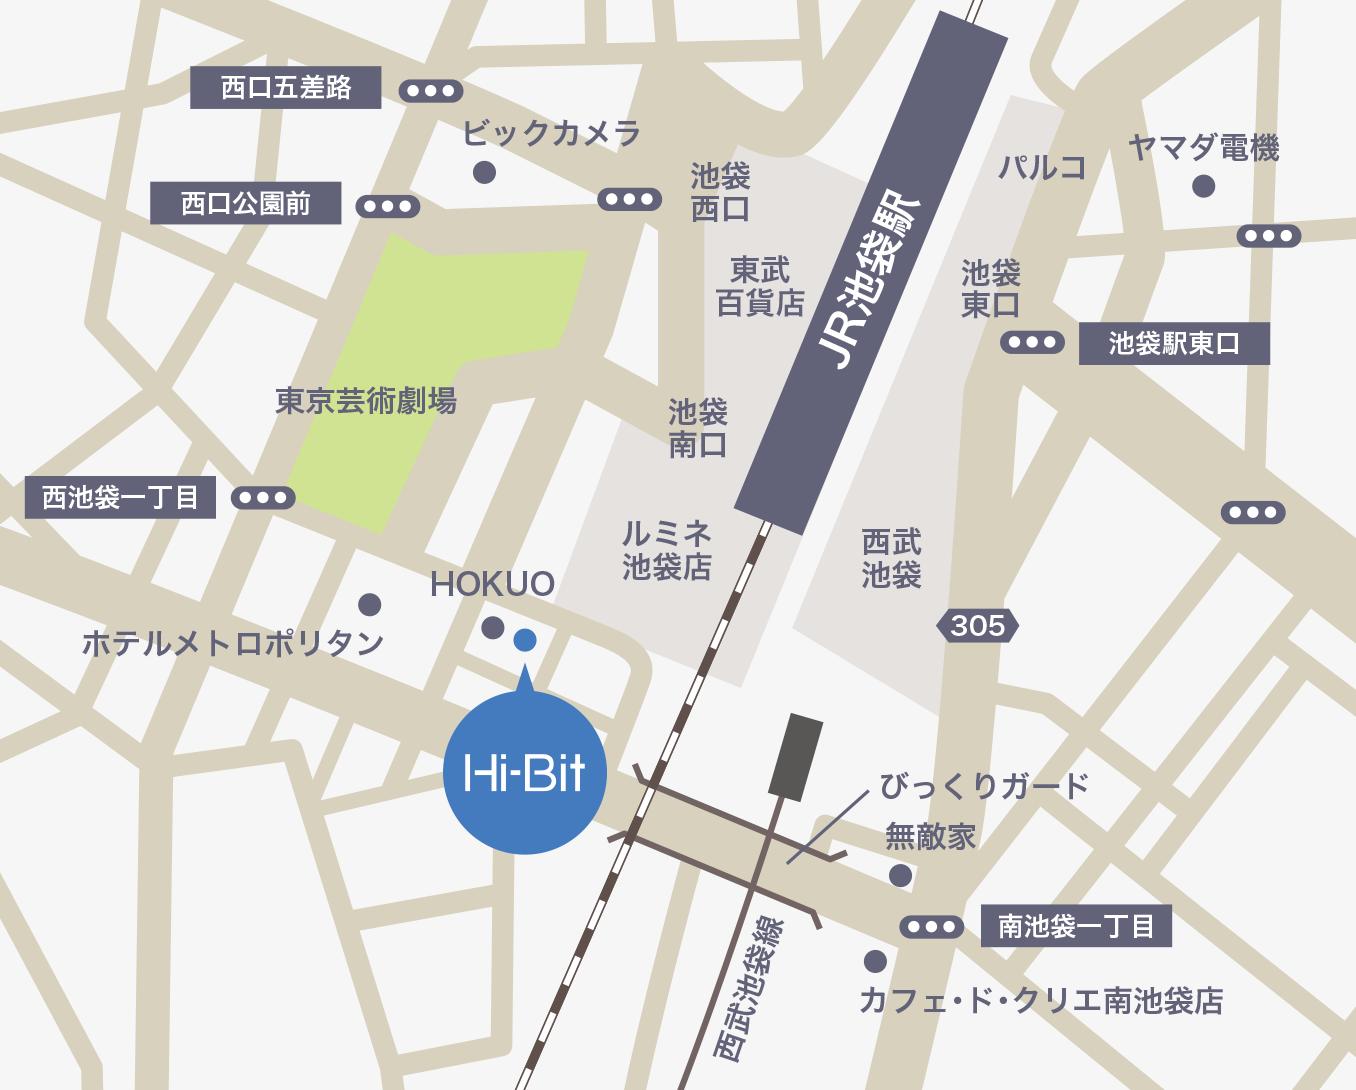 株式会社Hi-Bit(ハイビット)の地図